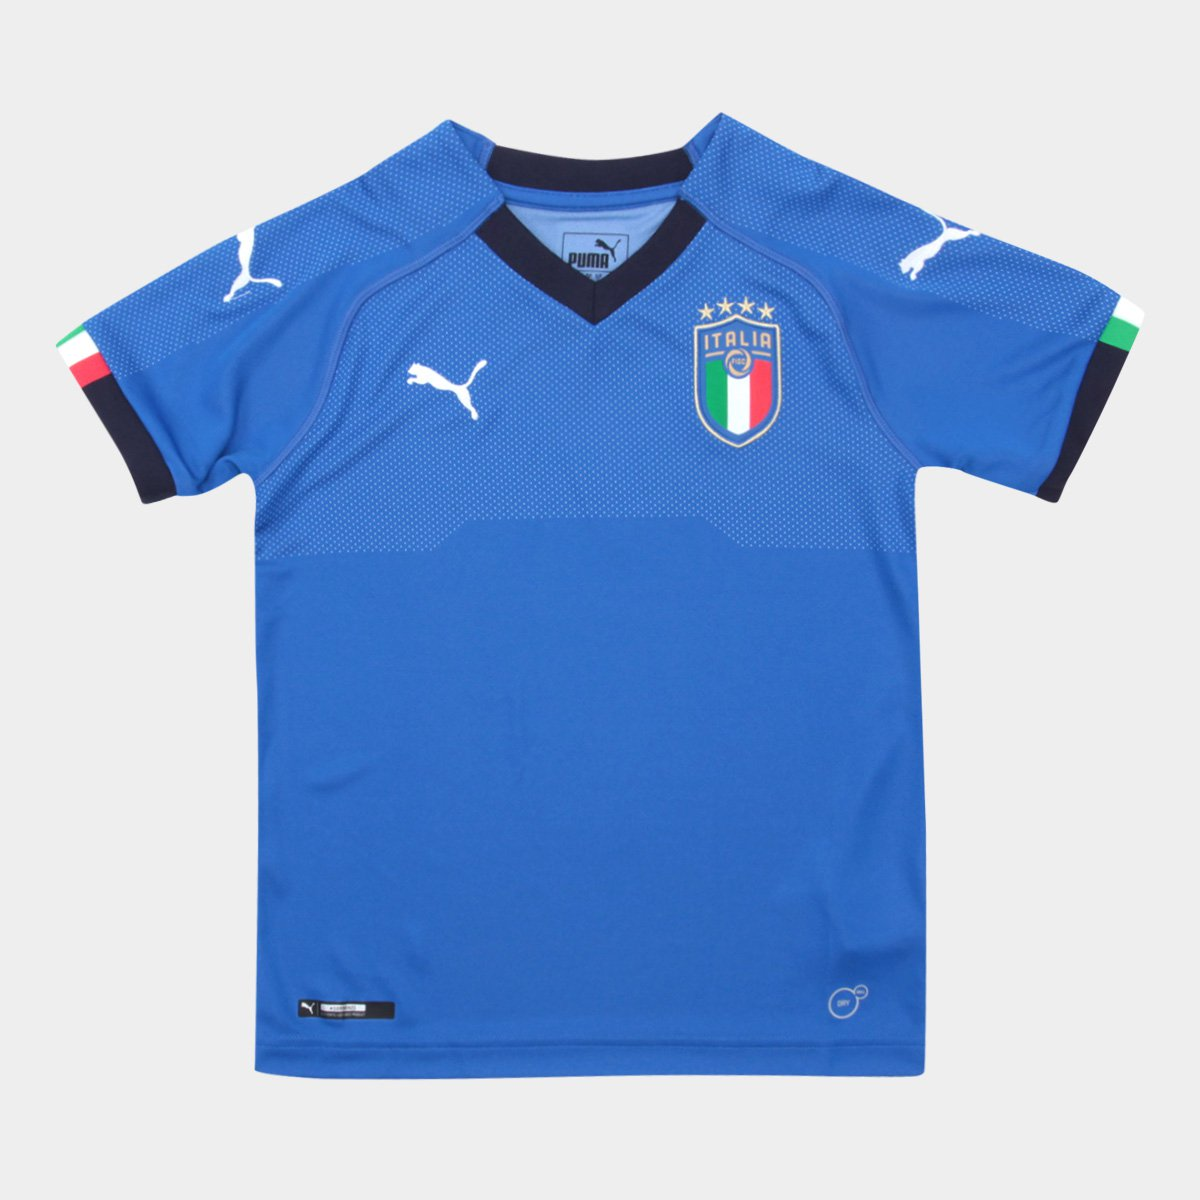 c78c413b848c3 Camisa Seleção Itália Infantil Home 2018 s n° - Torcedor Puma - Compre  Agora